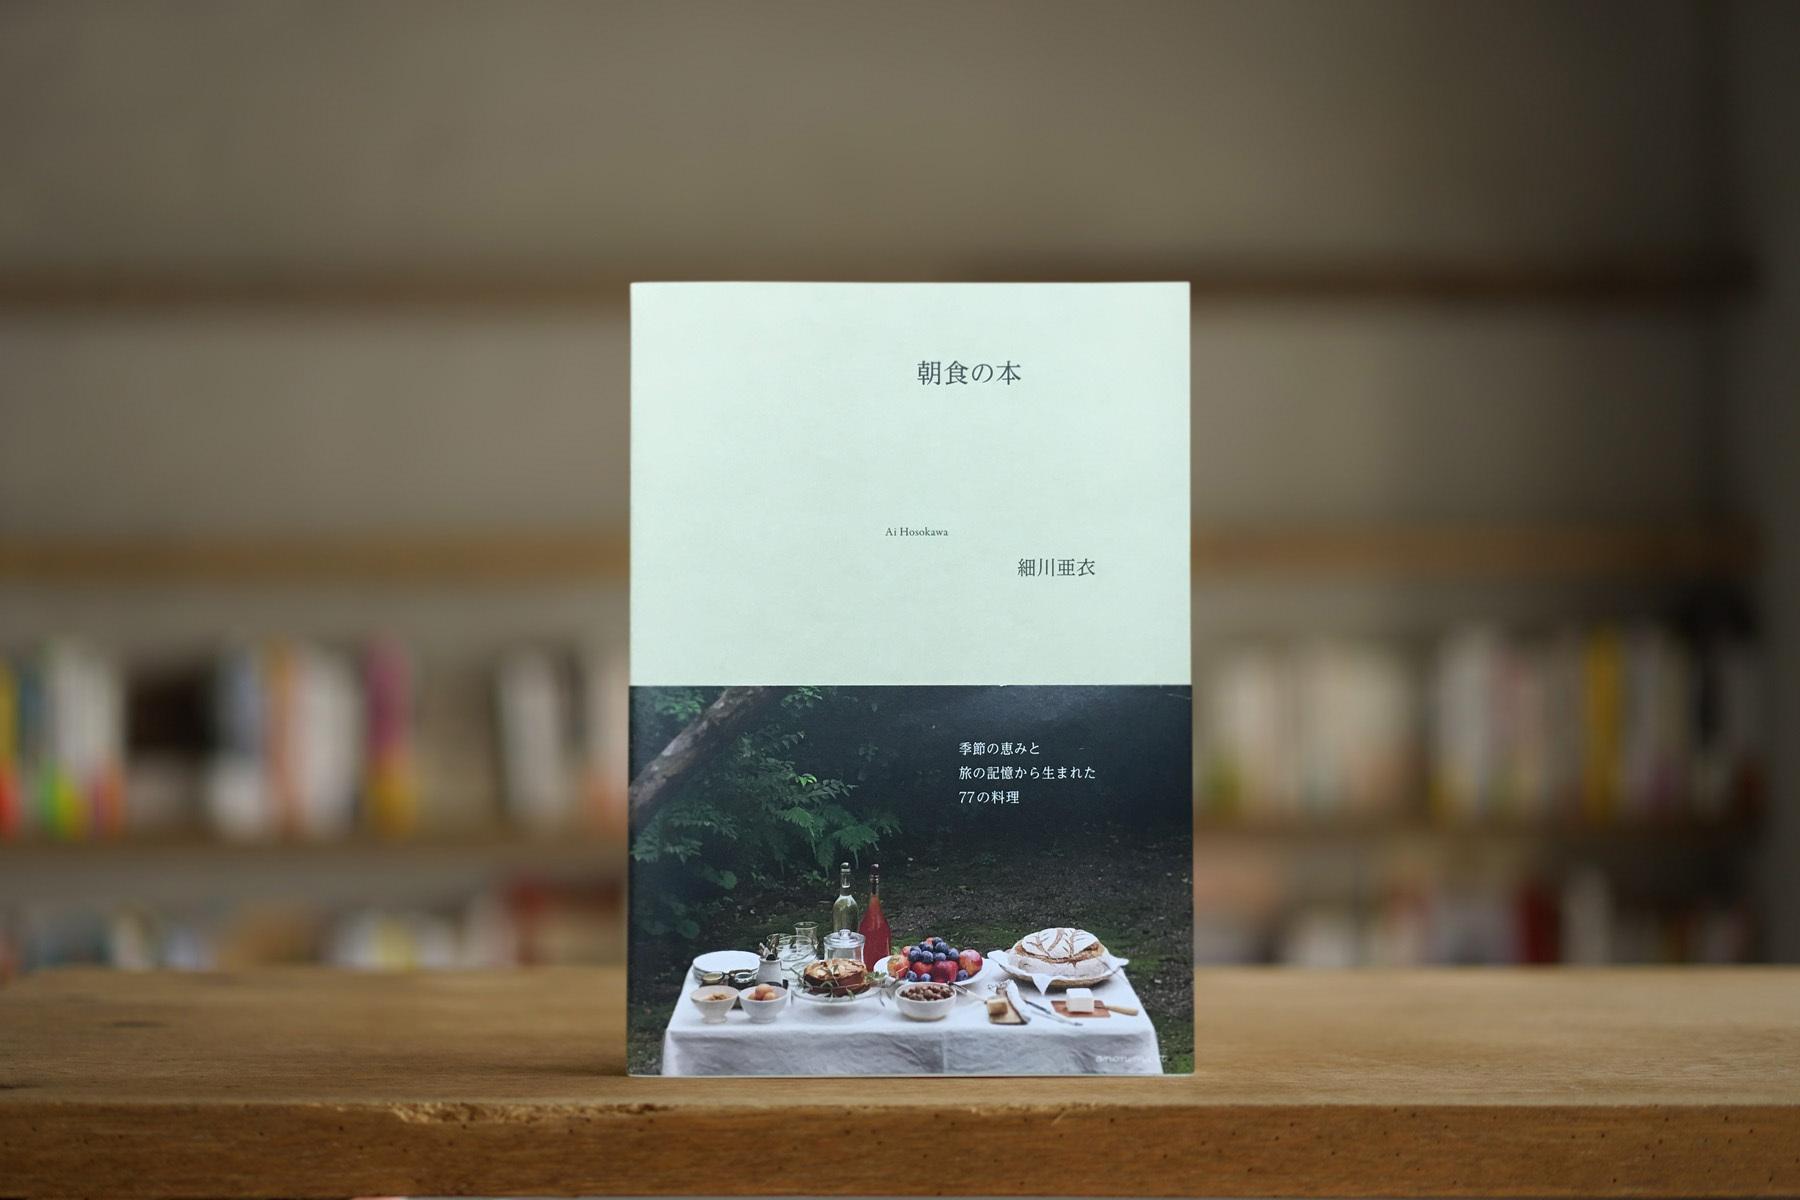 細川亜衣 『朝食の本』 (アノニマスタジオ、2019)